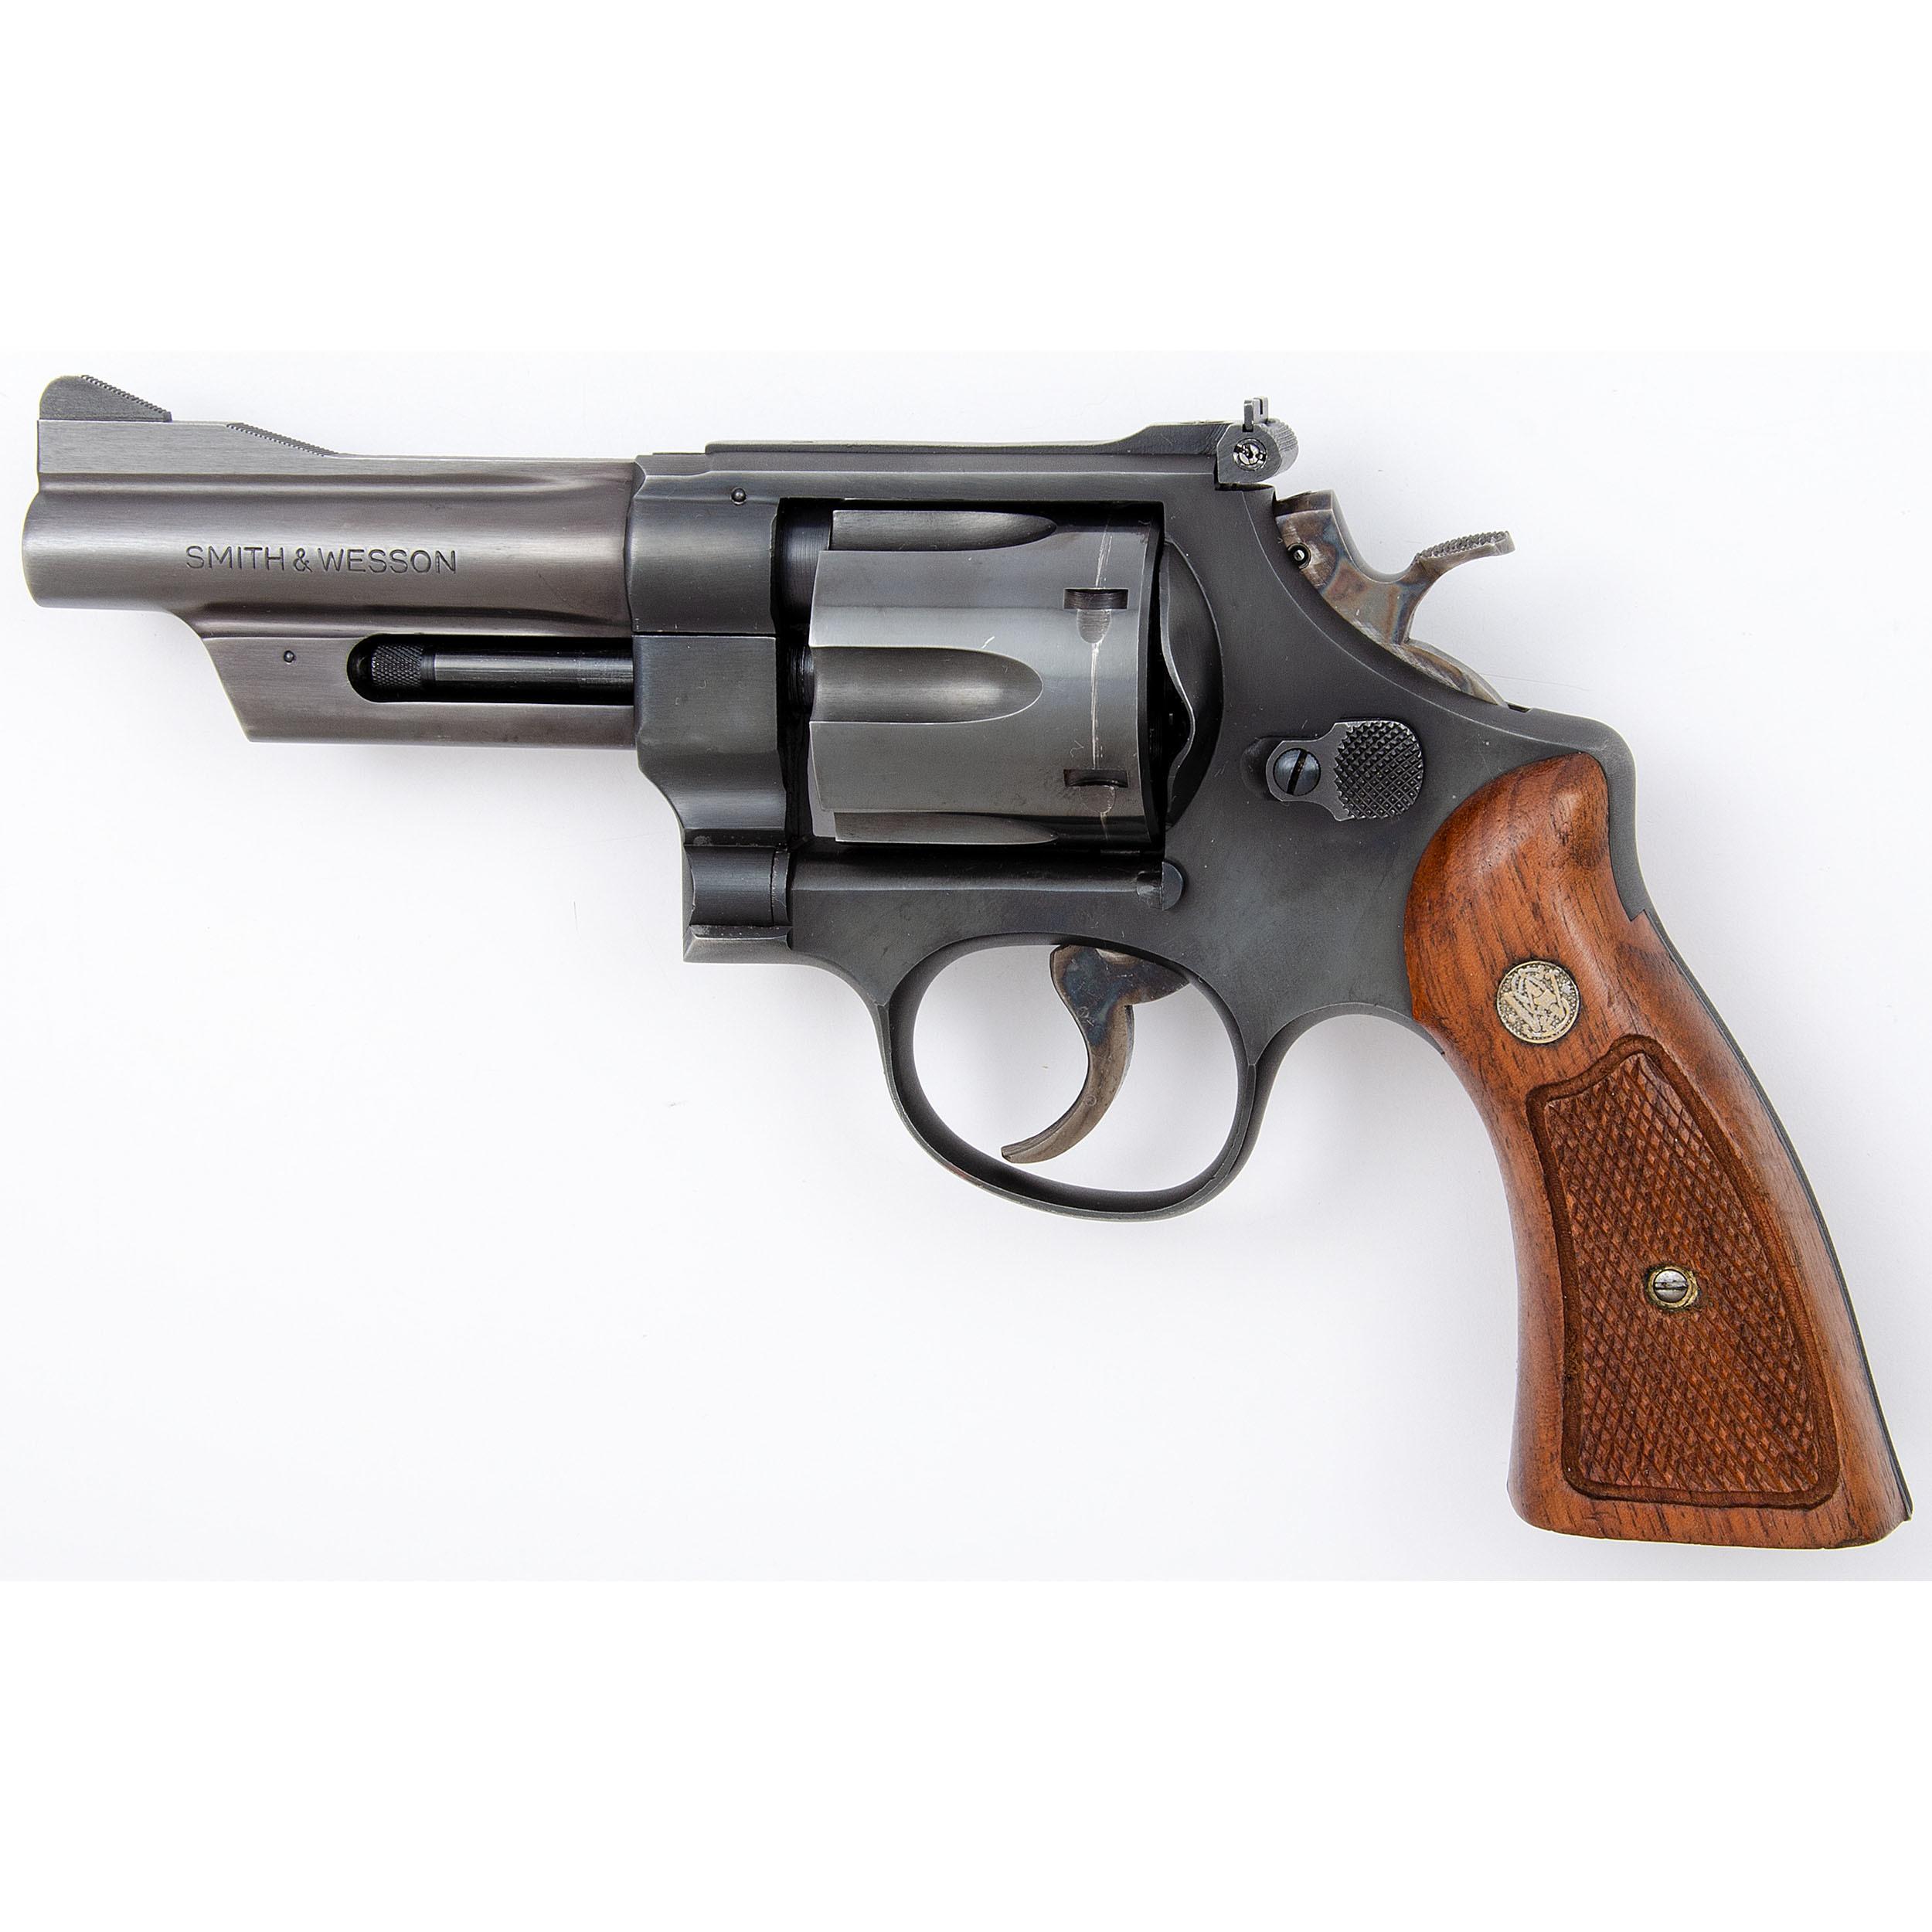 * Smith & Wesson Model 28-2 Highway patrolman Revolver